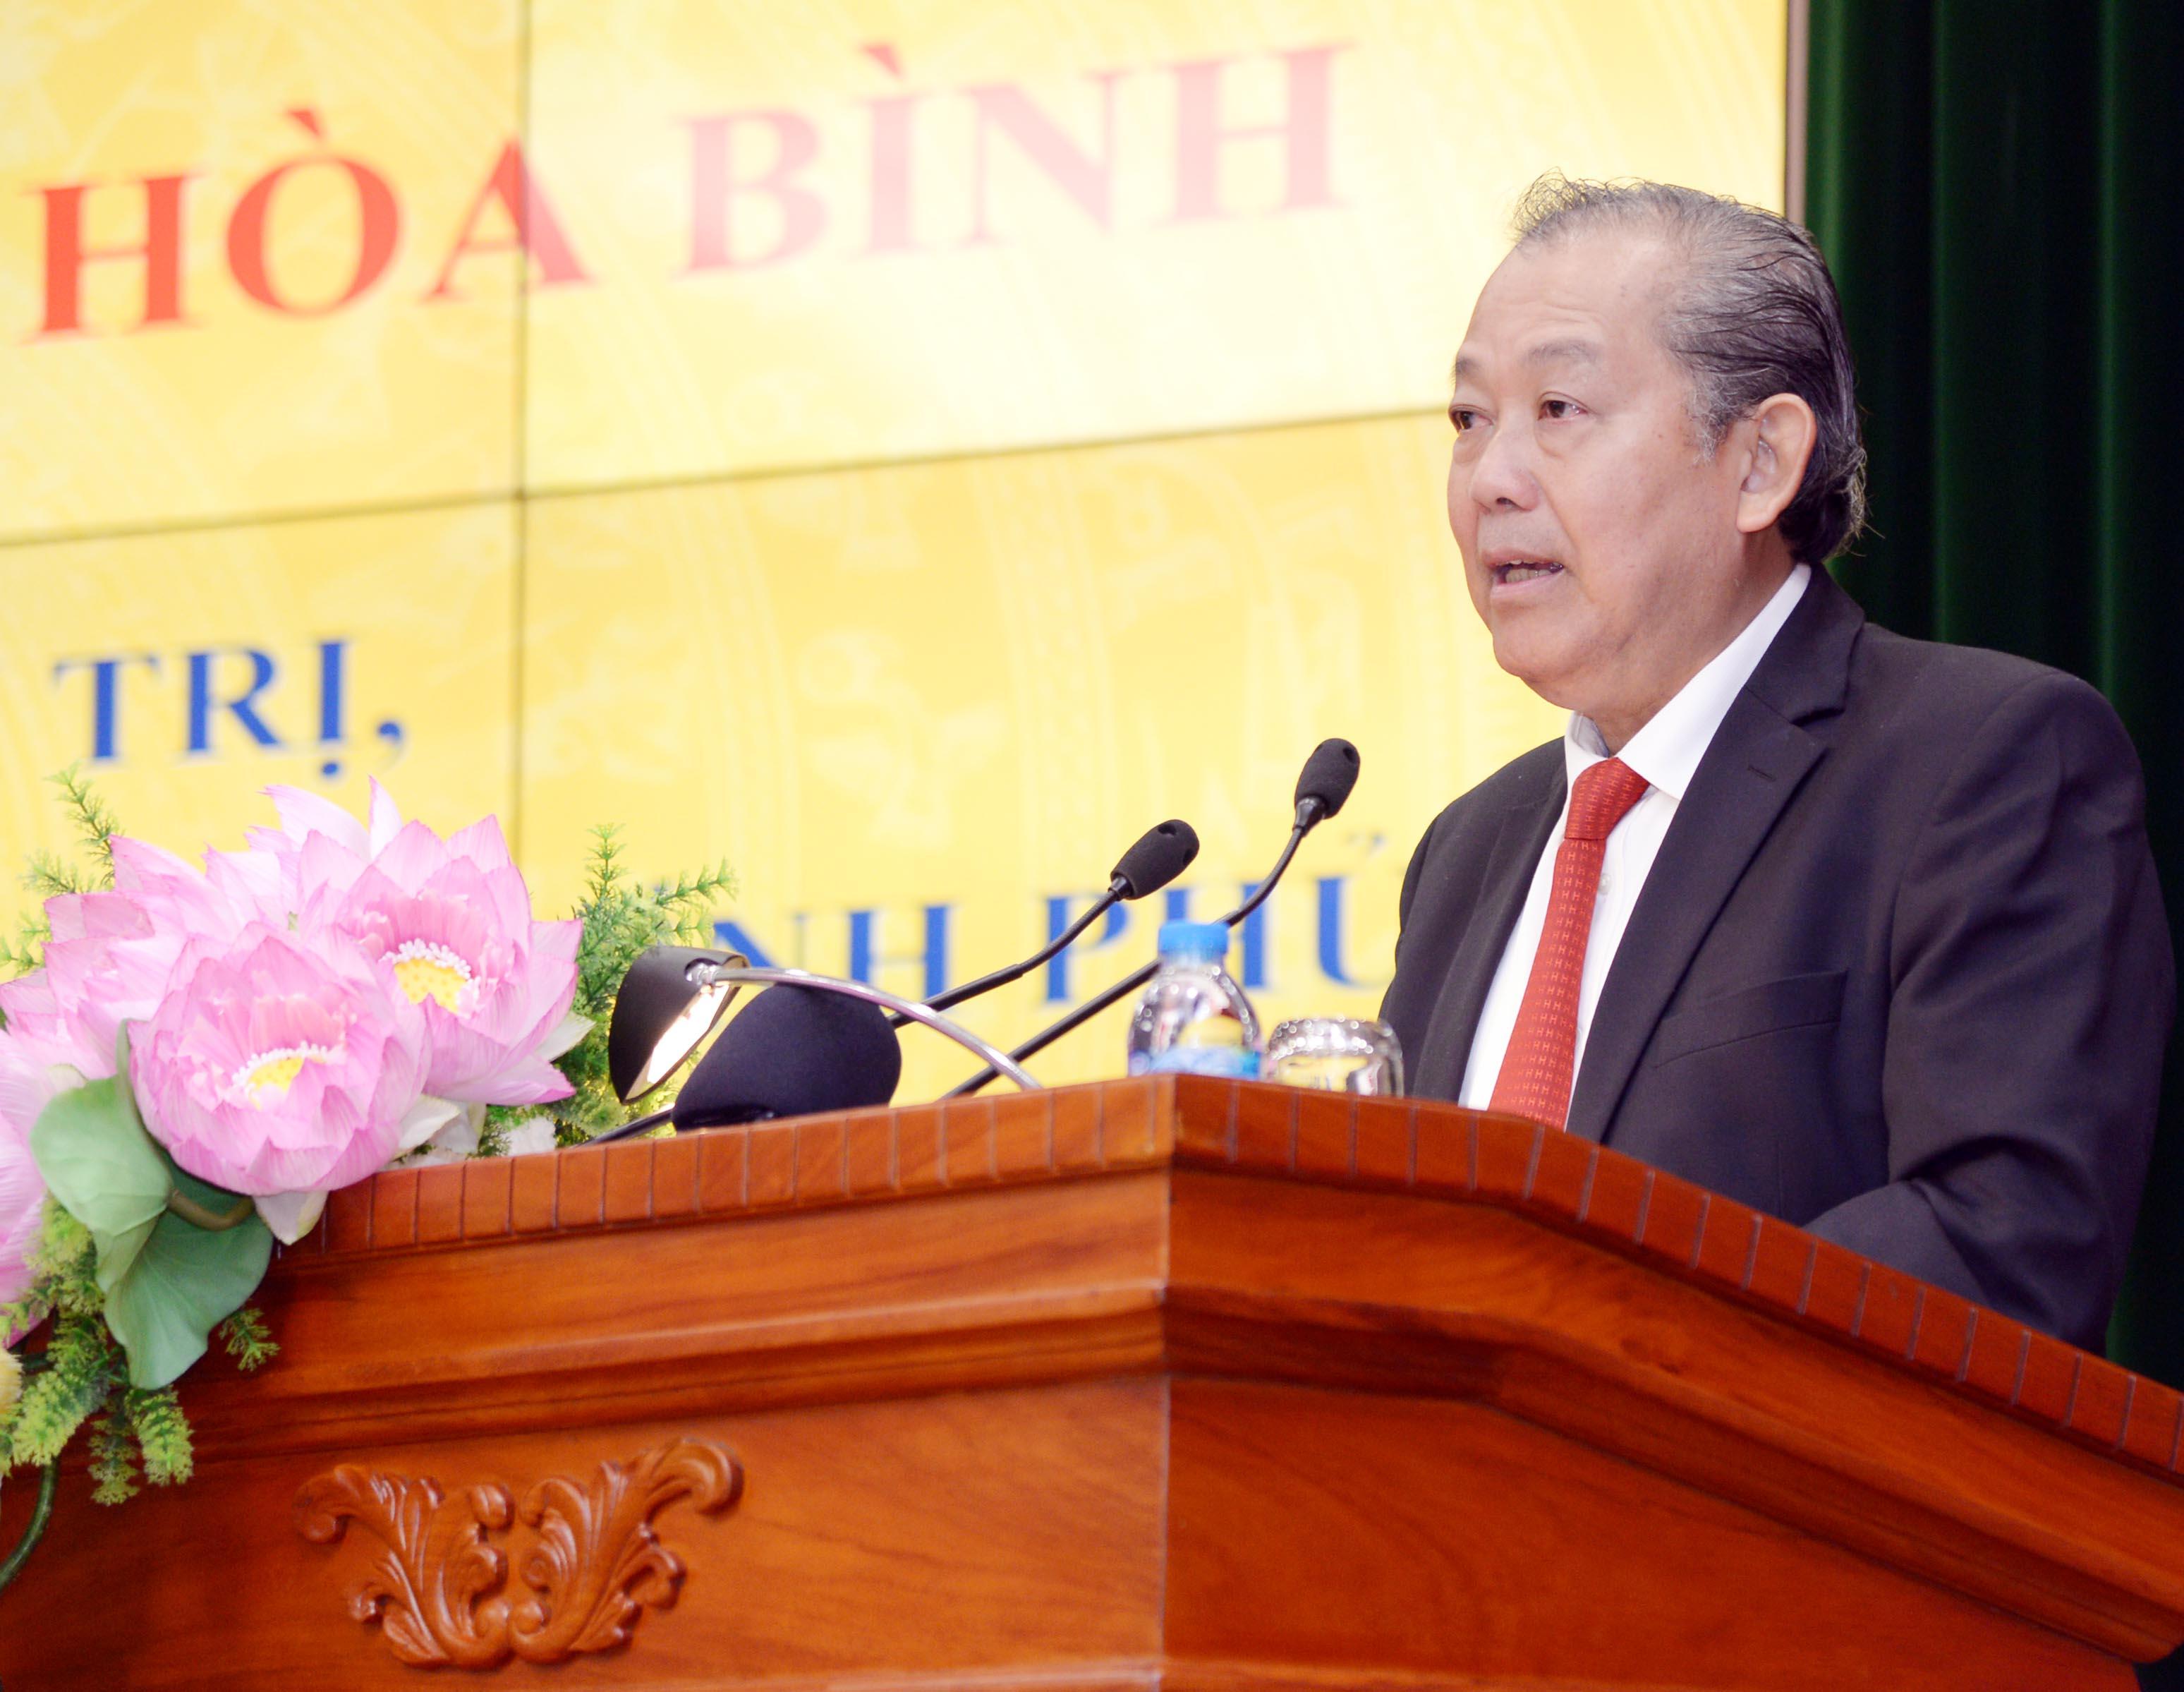 Phó Thủ tướng Thường trực Trương Hòa Bình: Nâng tầm các kết luận, kiến nghị thực sự có chất lượng, tương xứng với địa vị pháp lý của KTNN